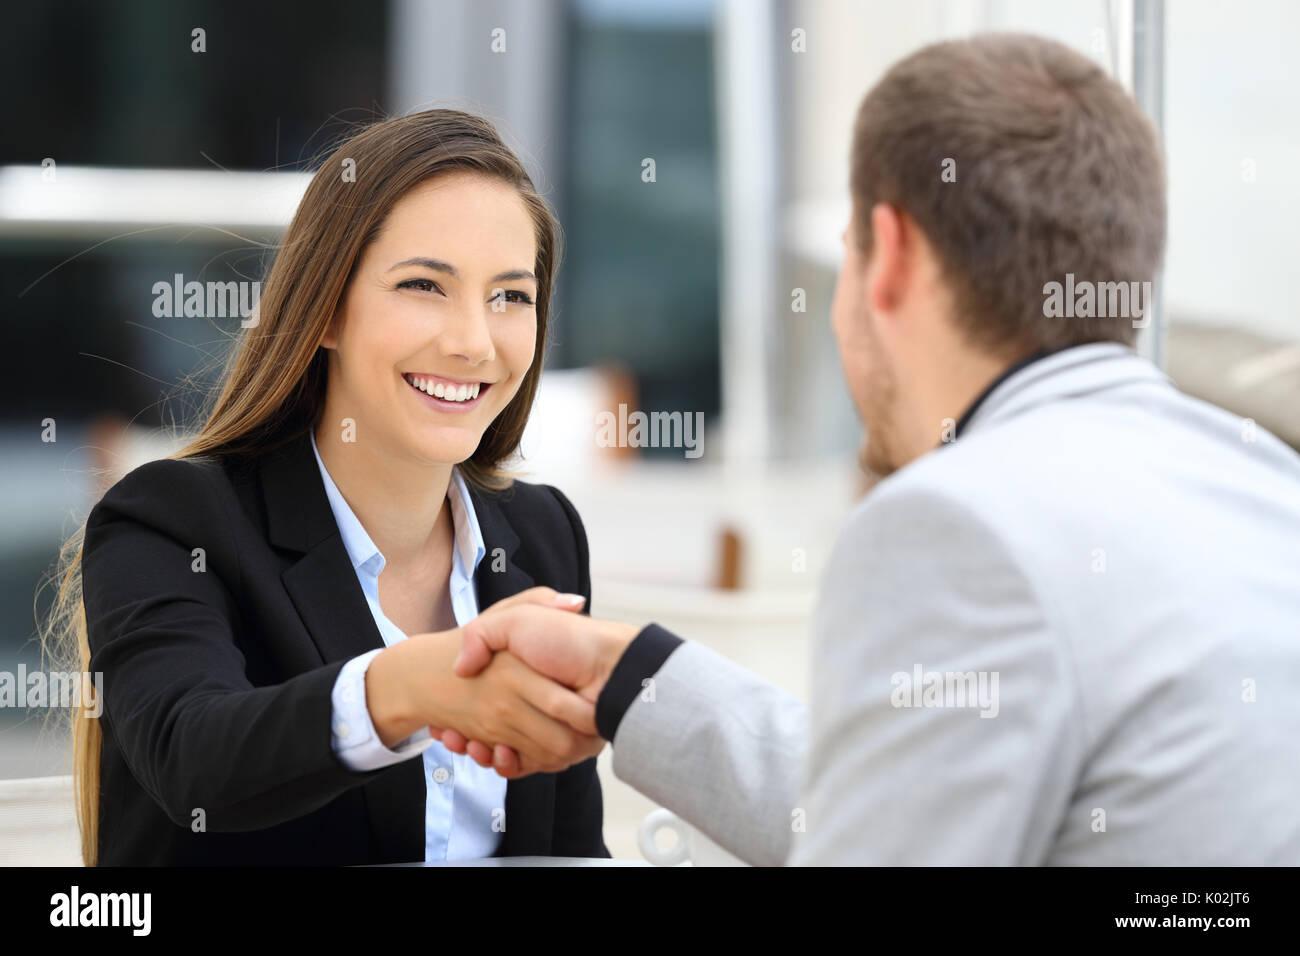 Zwei Führungskräfte treffen und Handshaking in einem Café sitzen Stockbild